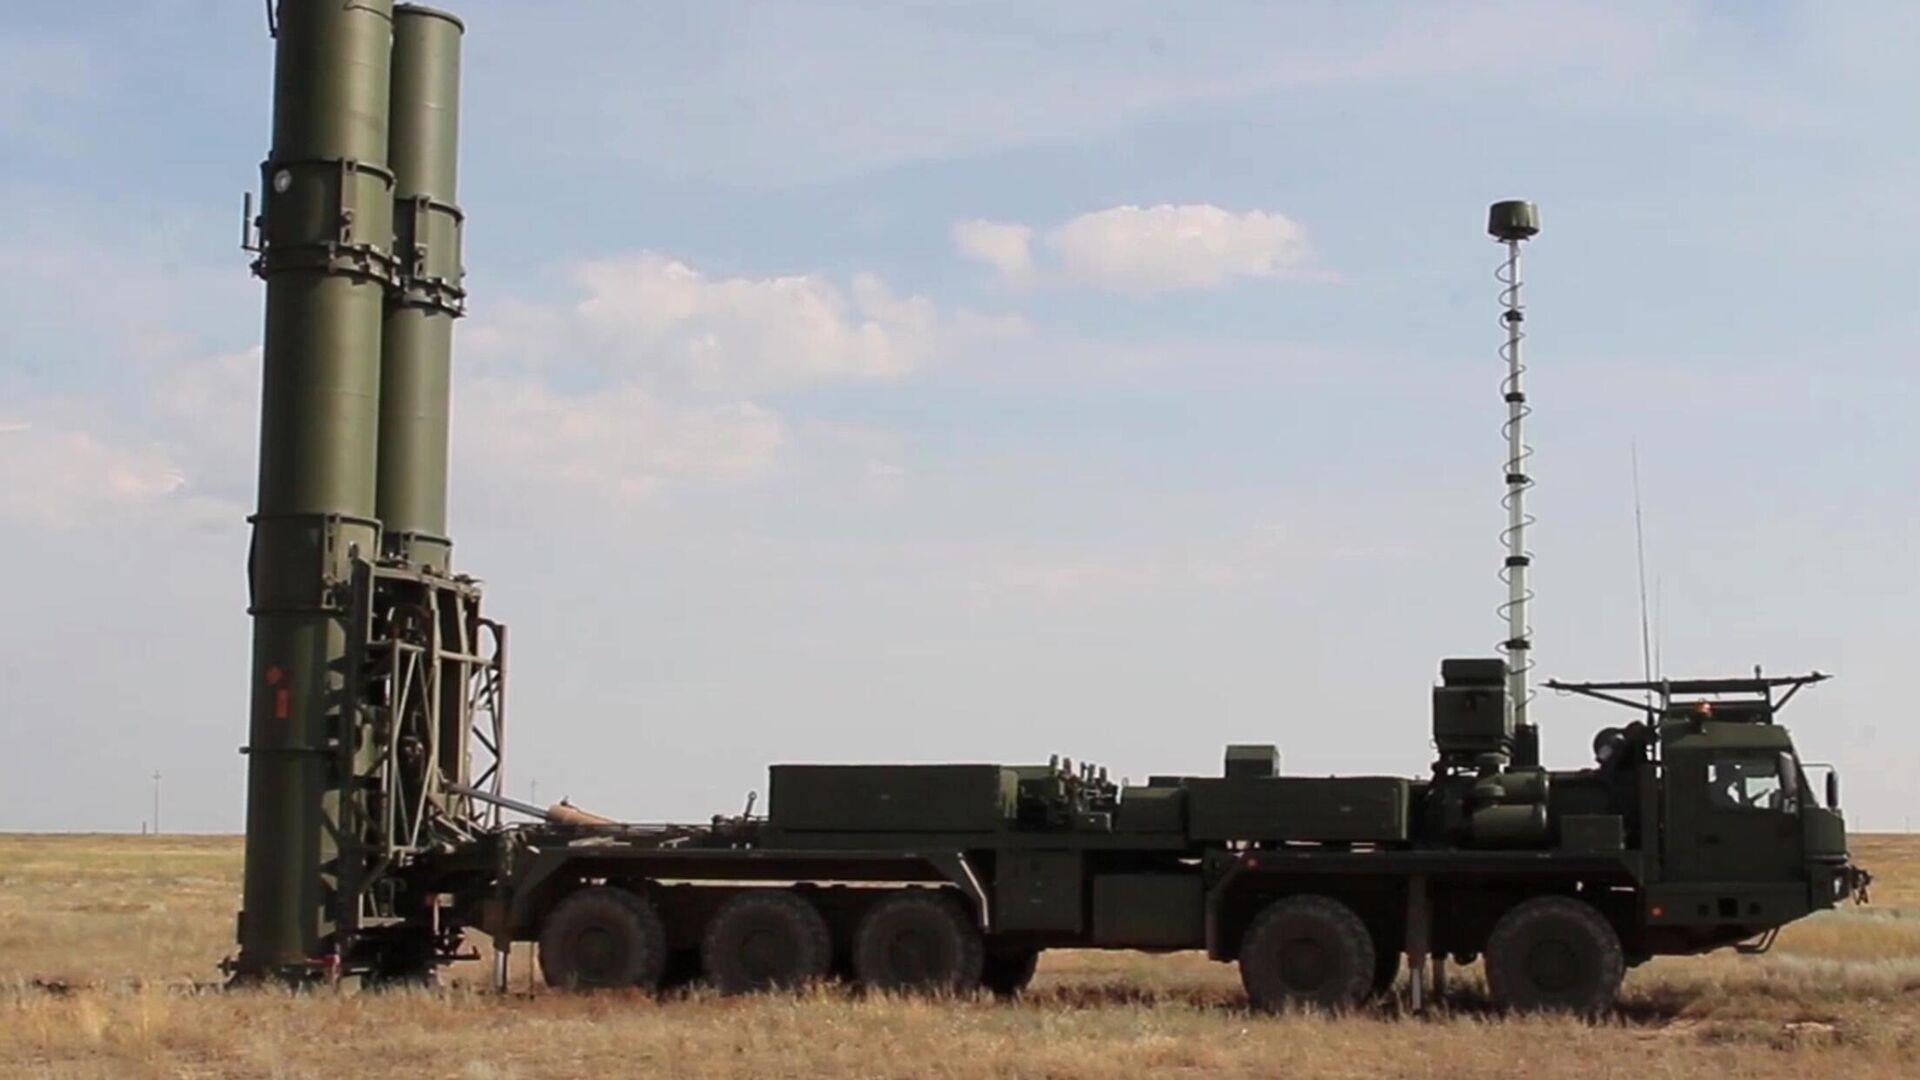 Новейшая зенитная ракетная система С-500 на полигоне Капустин Яр - РИА Новости, 1920, 16.09.2021